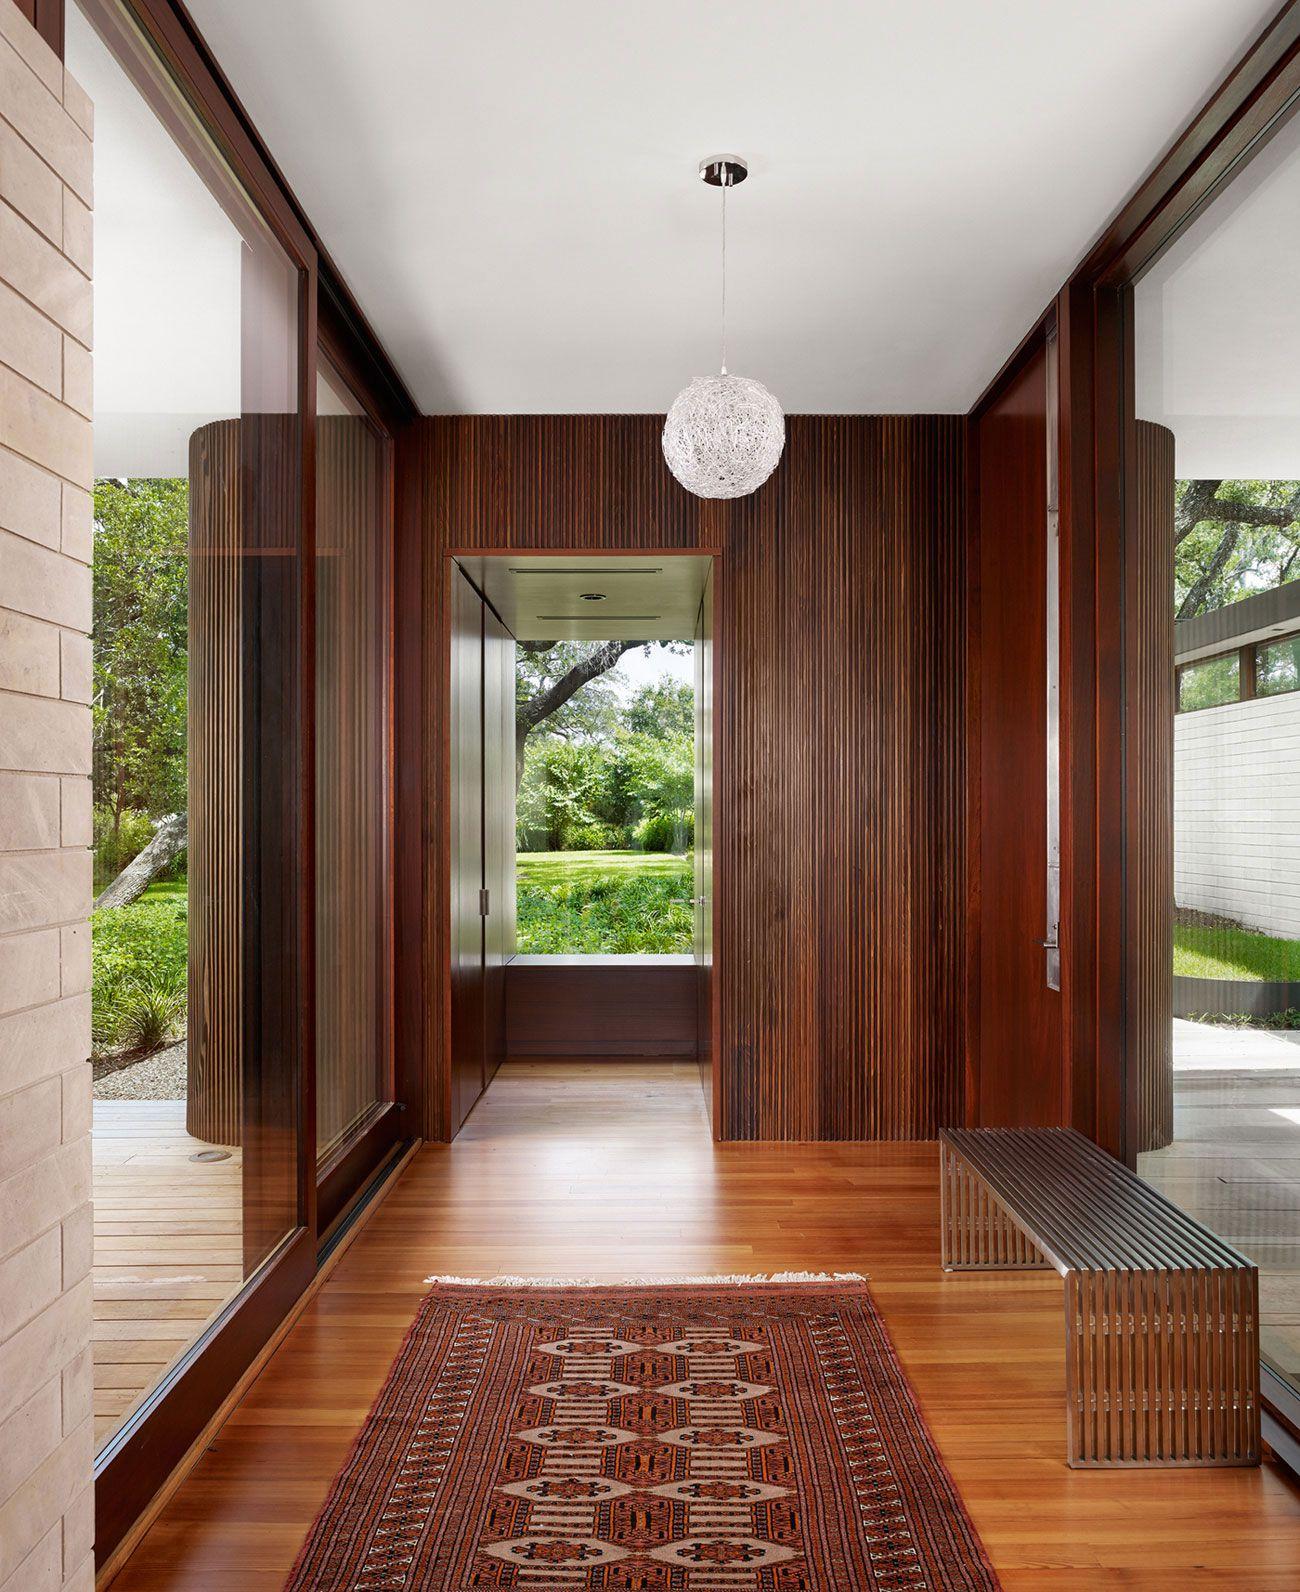 Lake-View-Residence-10